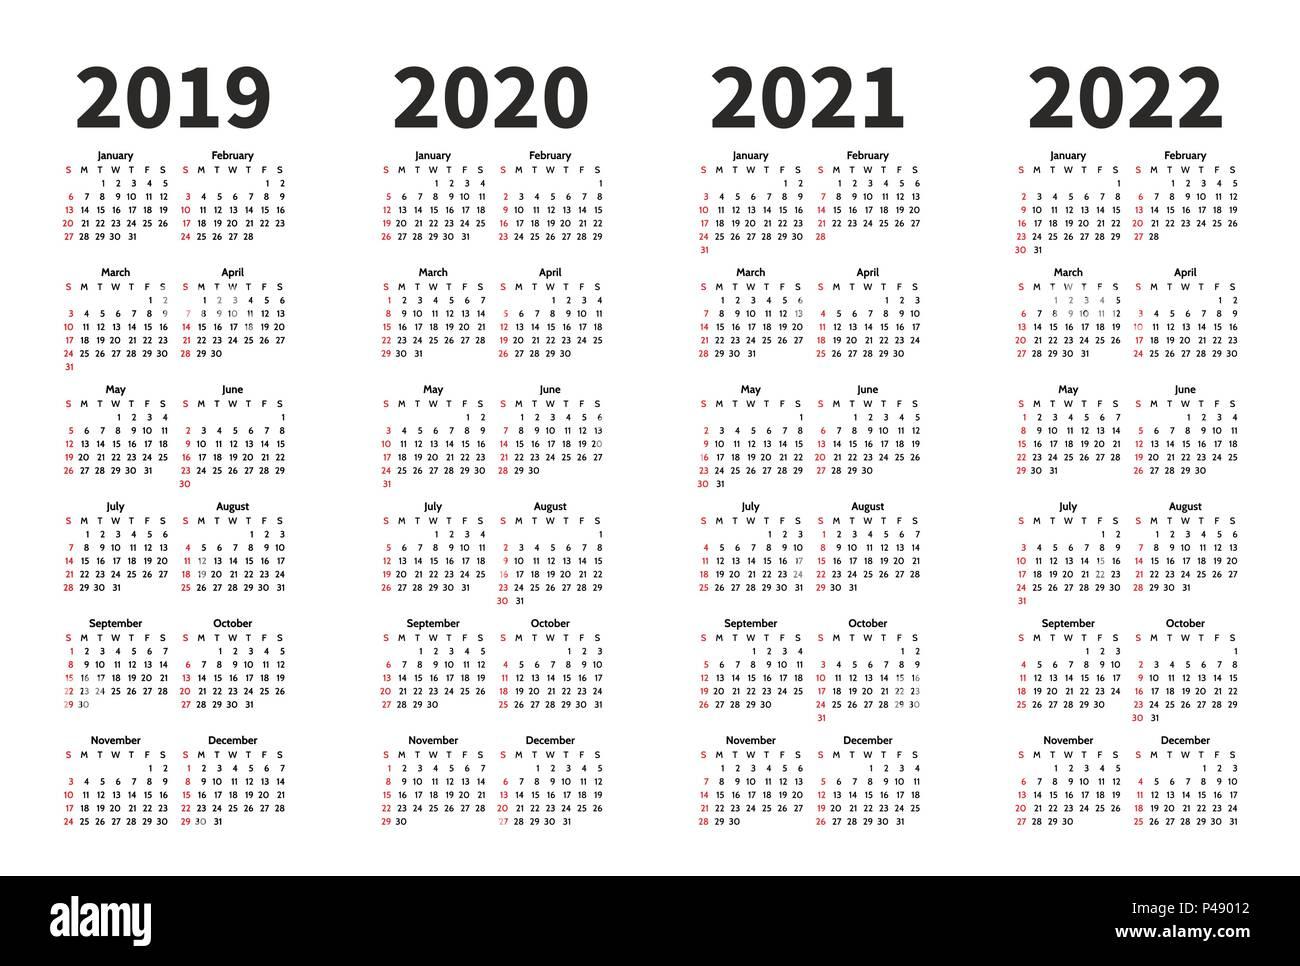 Calendario 2019 Con Numero Week.Calendar 2019 2020 2021 And 2022 Year Vector Design